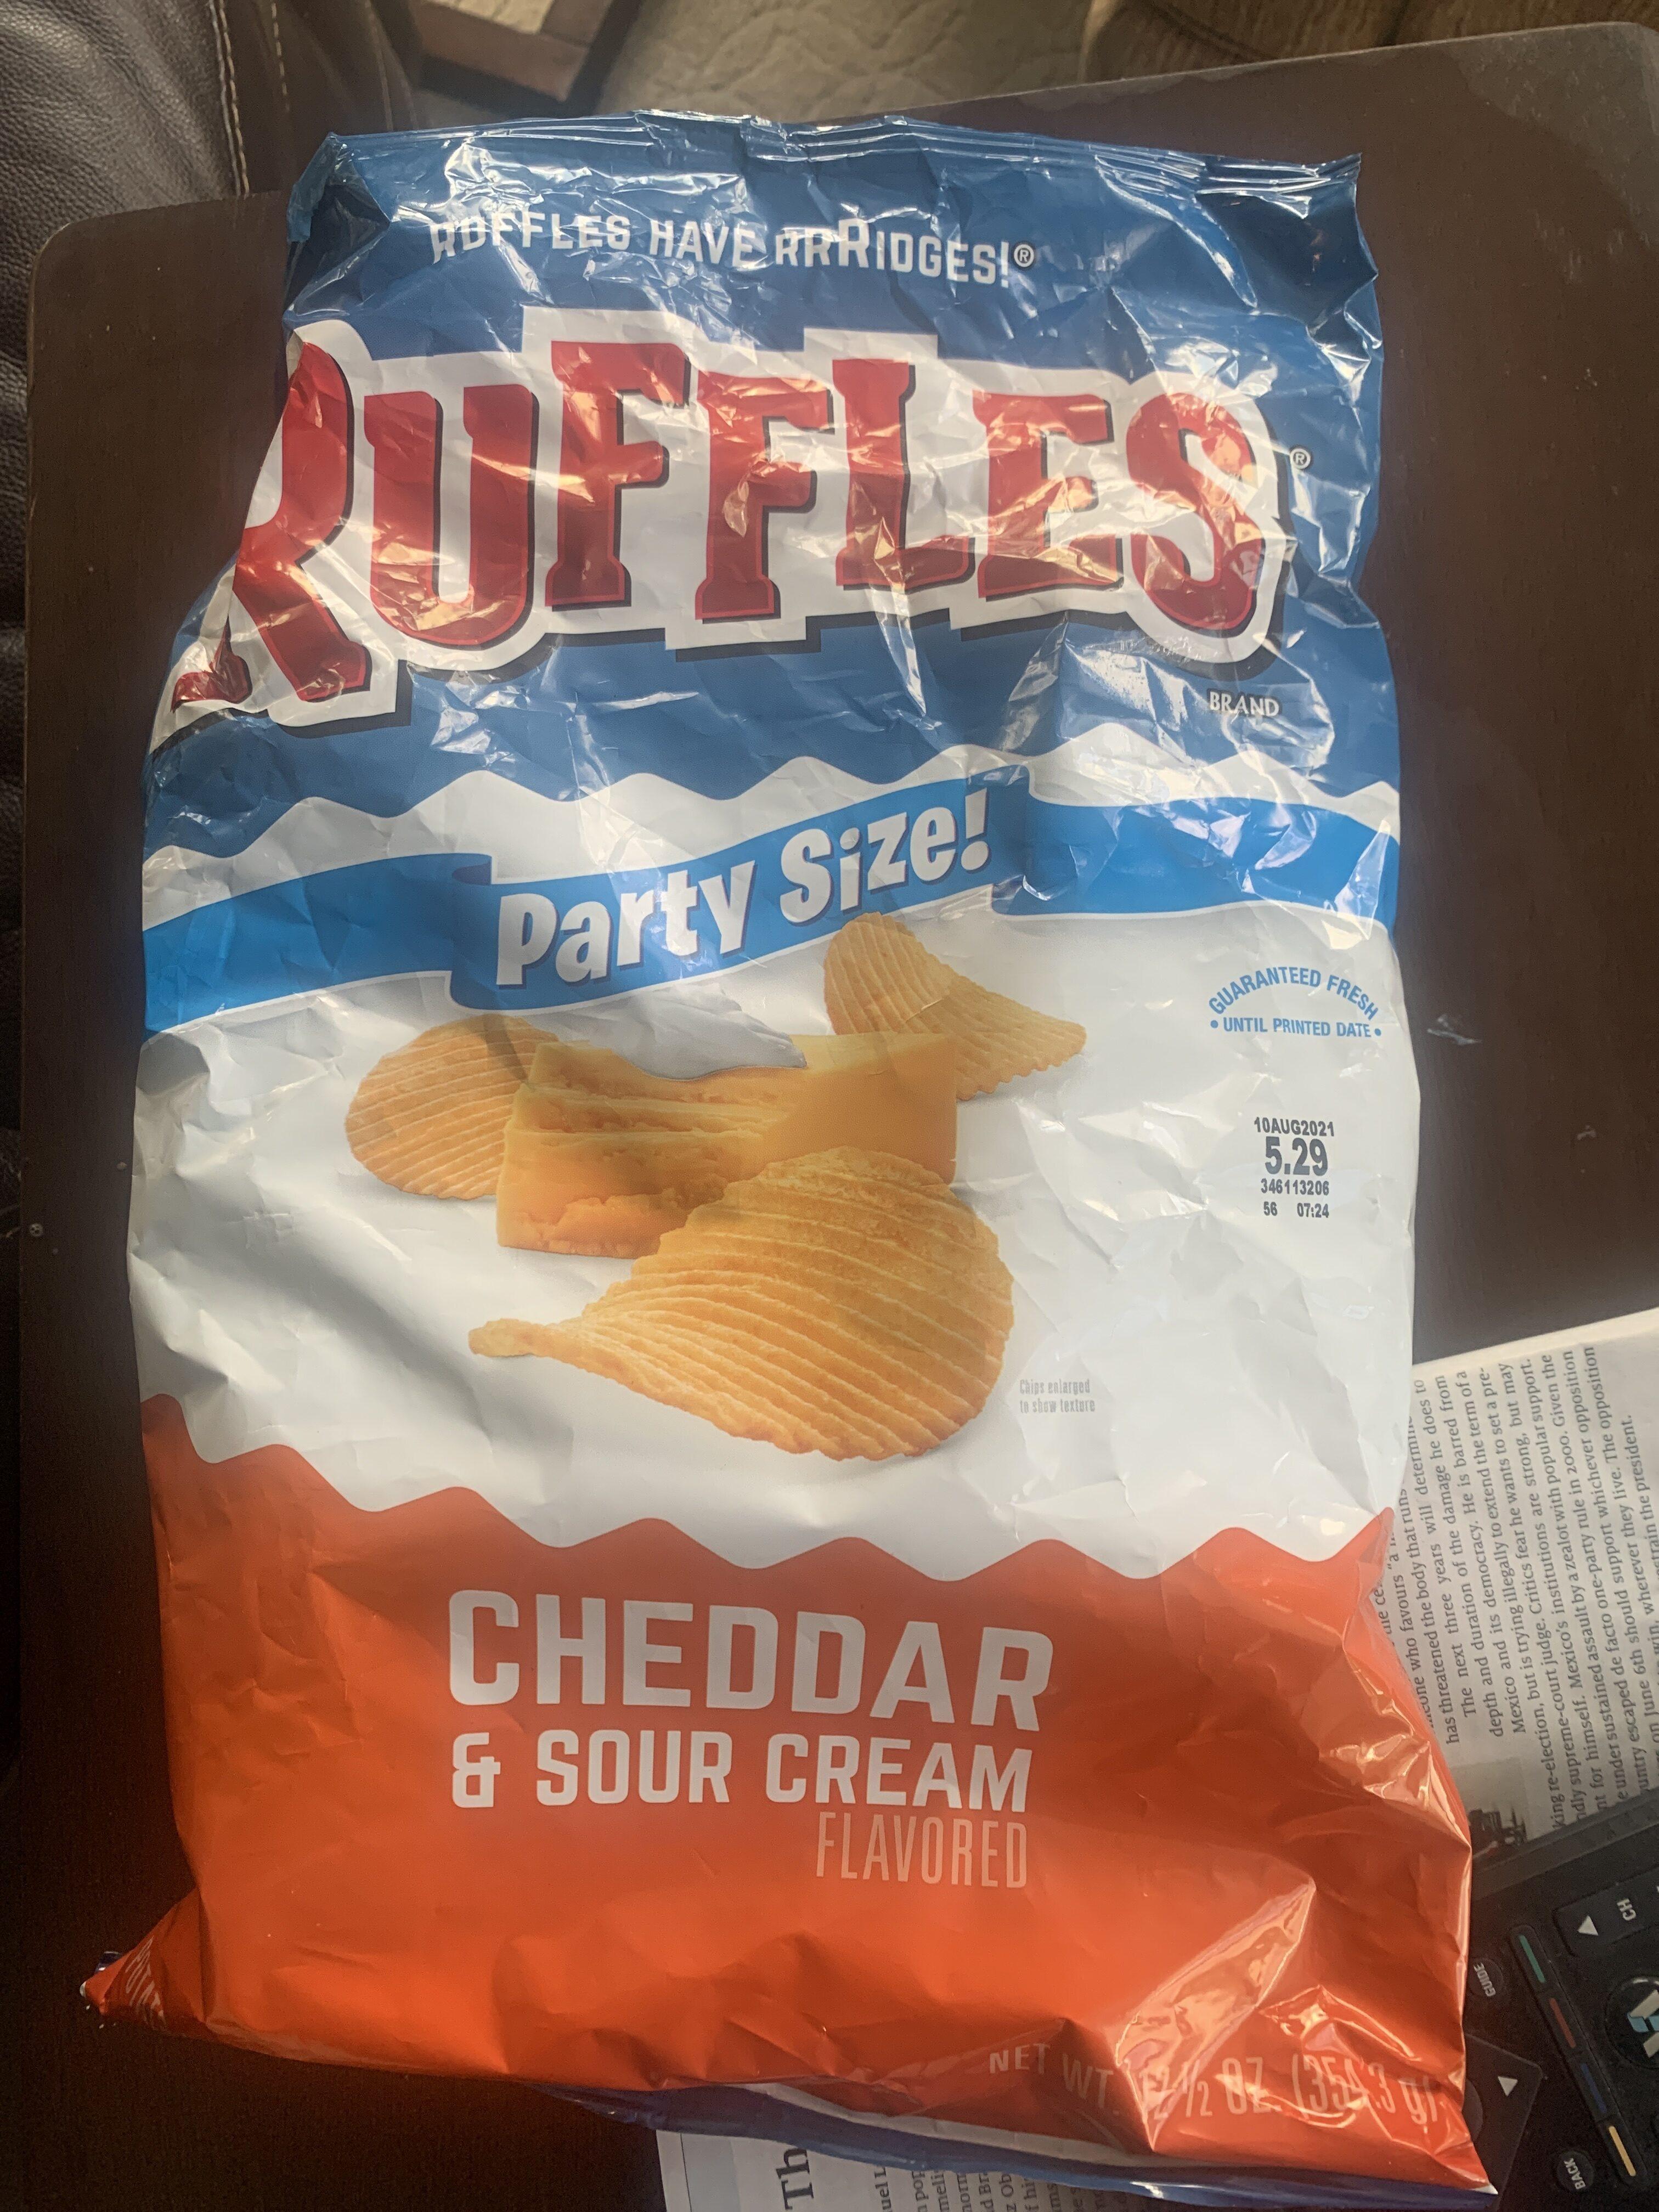 Ruffles Cheddar & Sour Cream Flavored Potato Chips 8.5 Ounce Plastic Bag - Produit - en